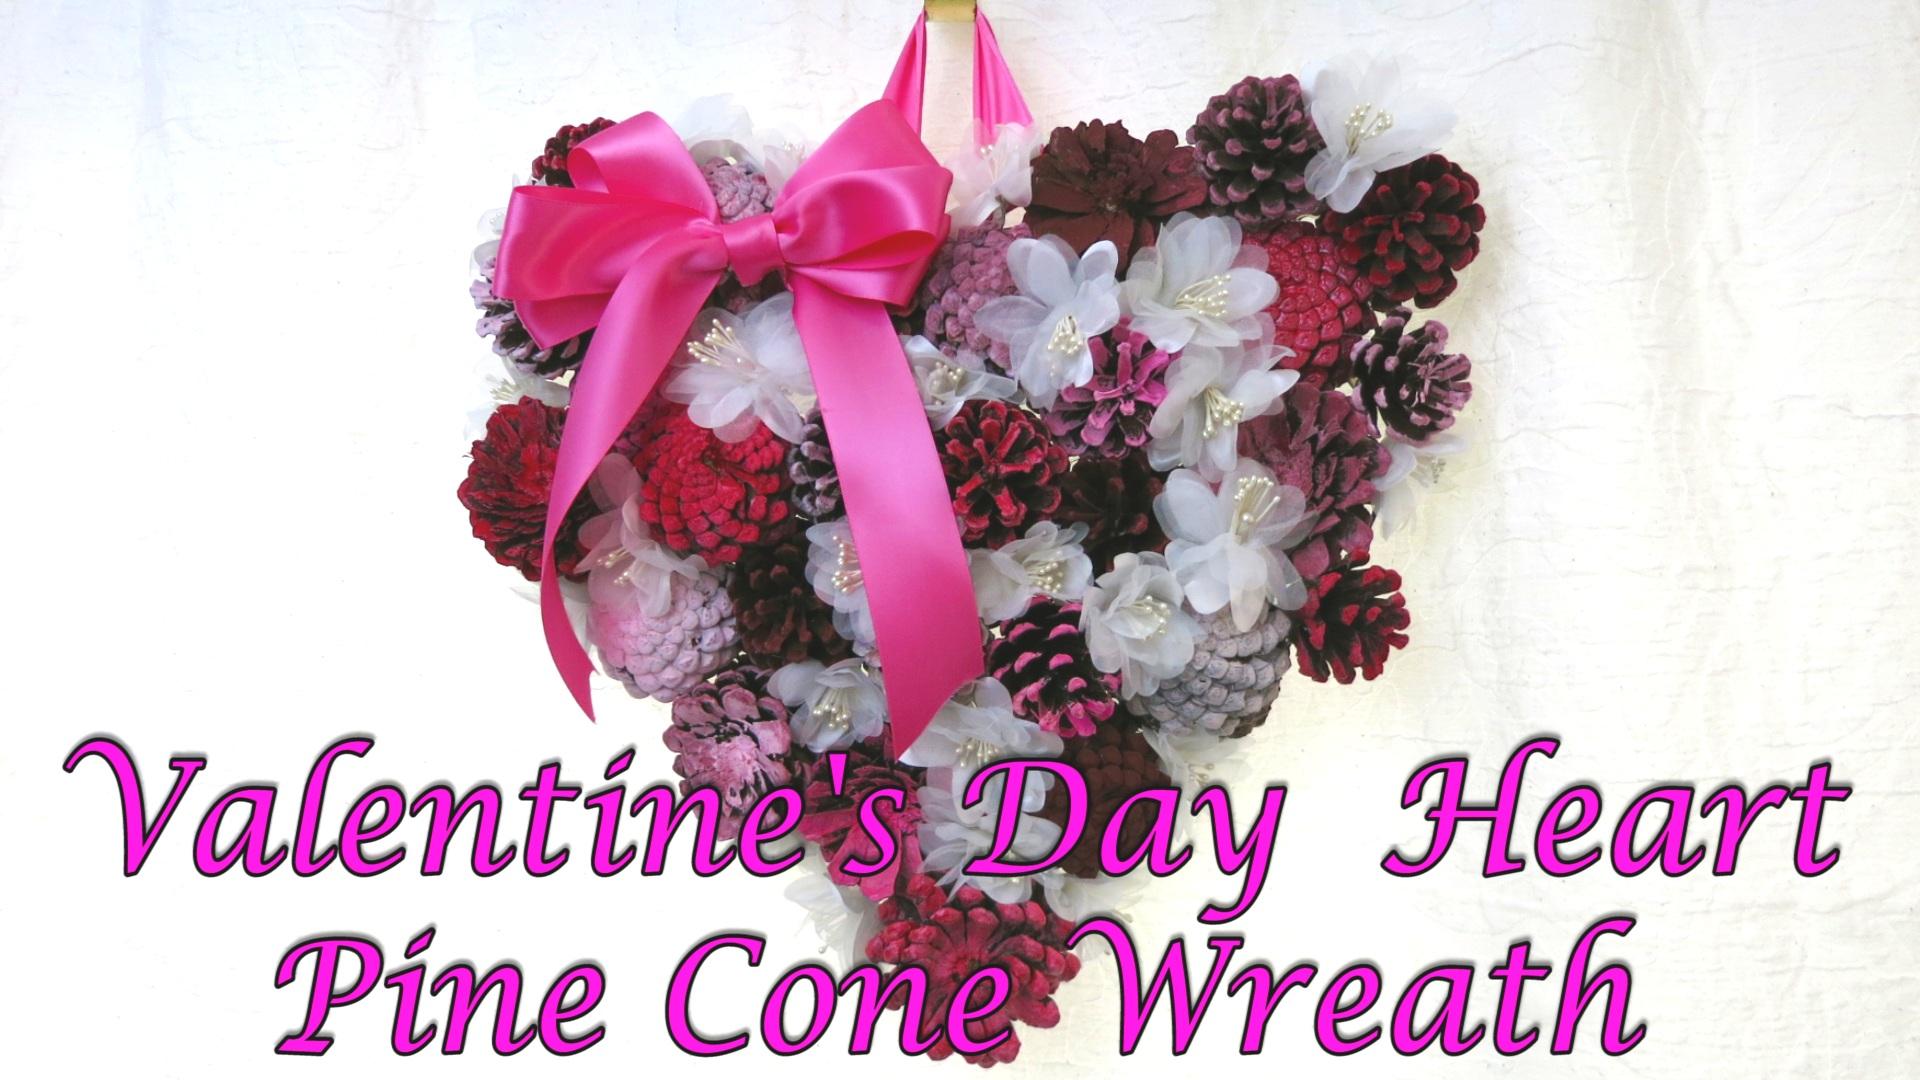 Valentines+Day+Pine+Cone+Wreath.jpg